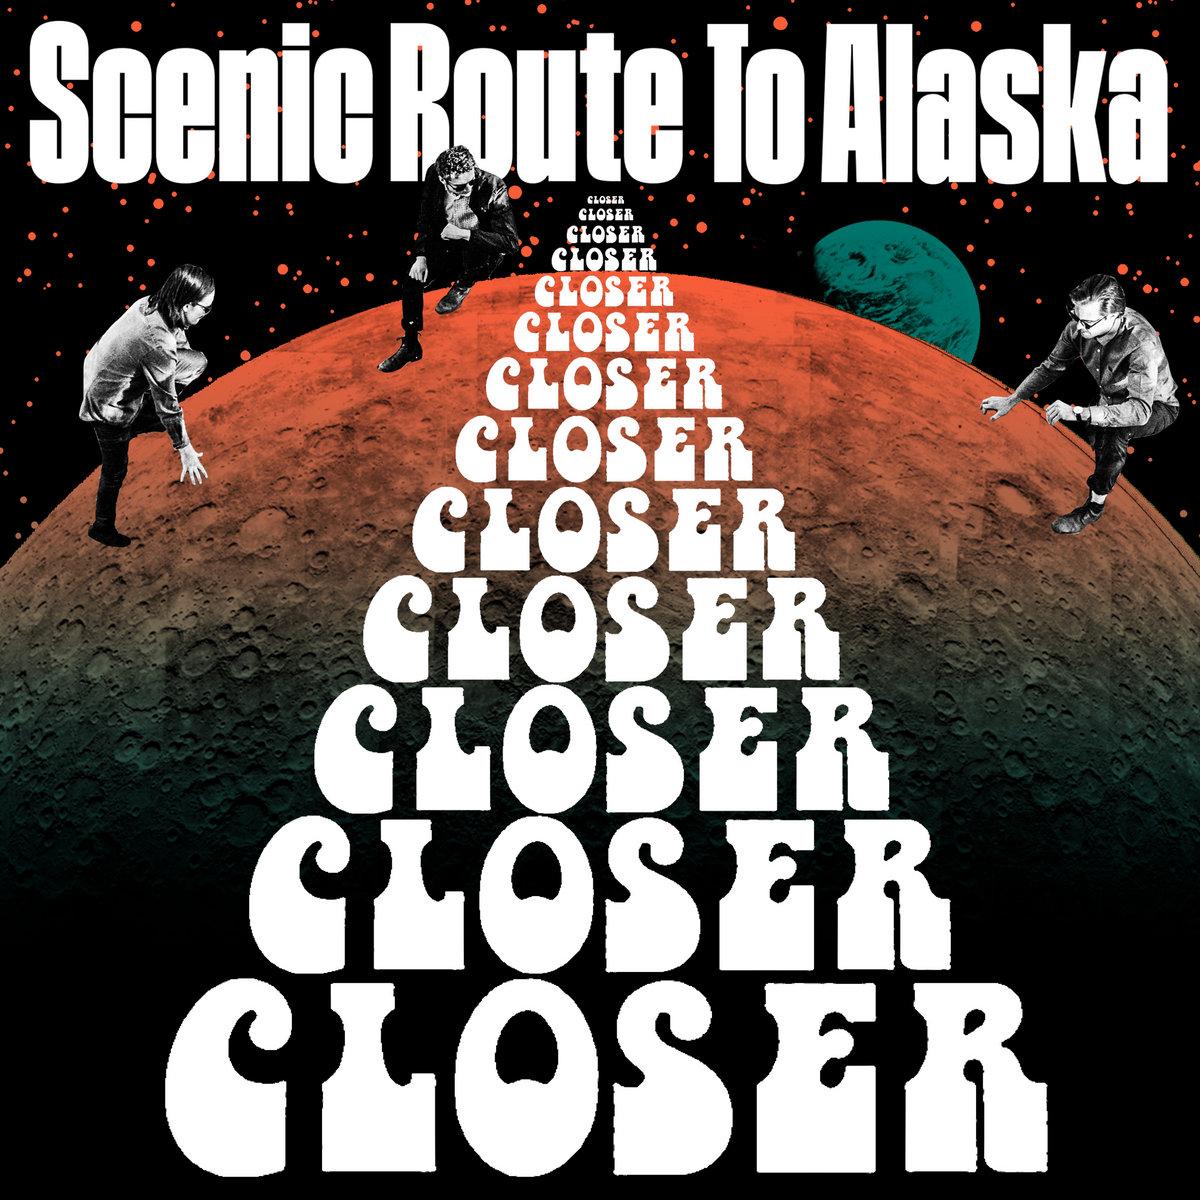 Closer | Scenic Route to Alaska